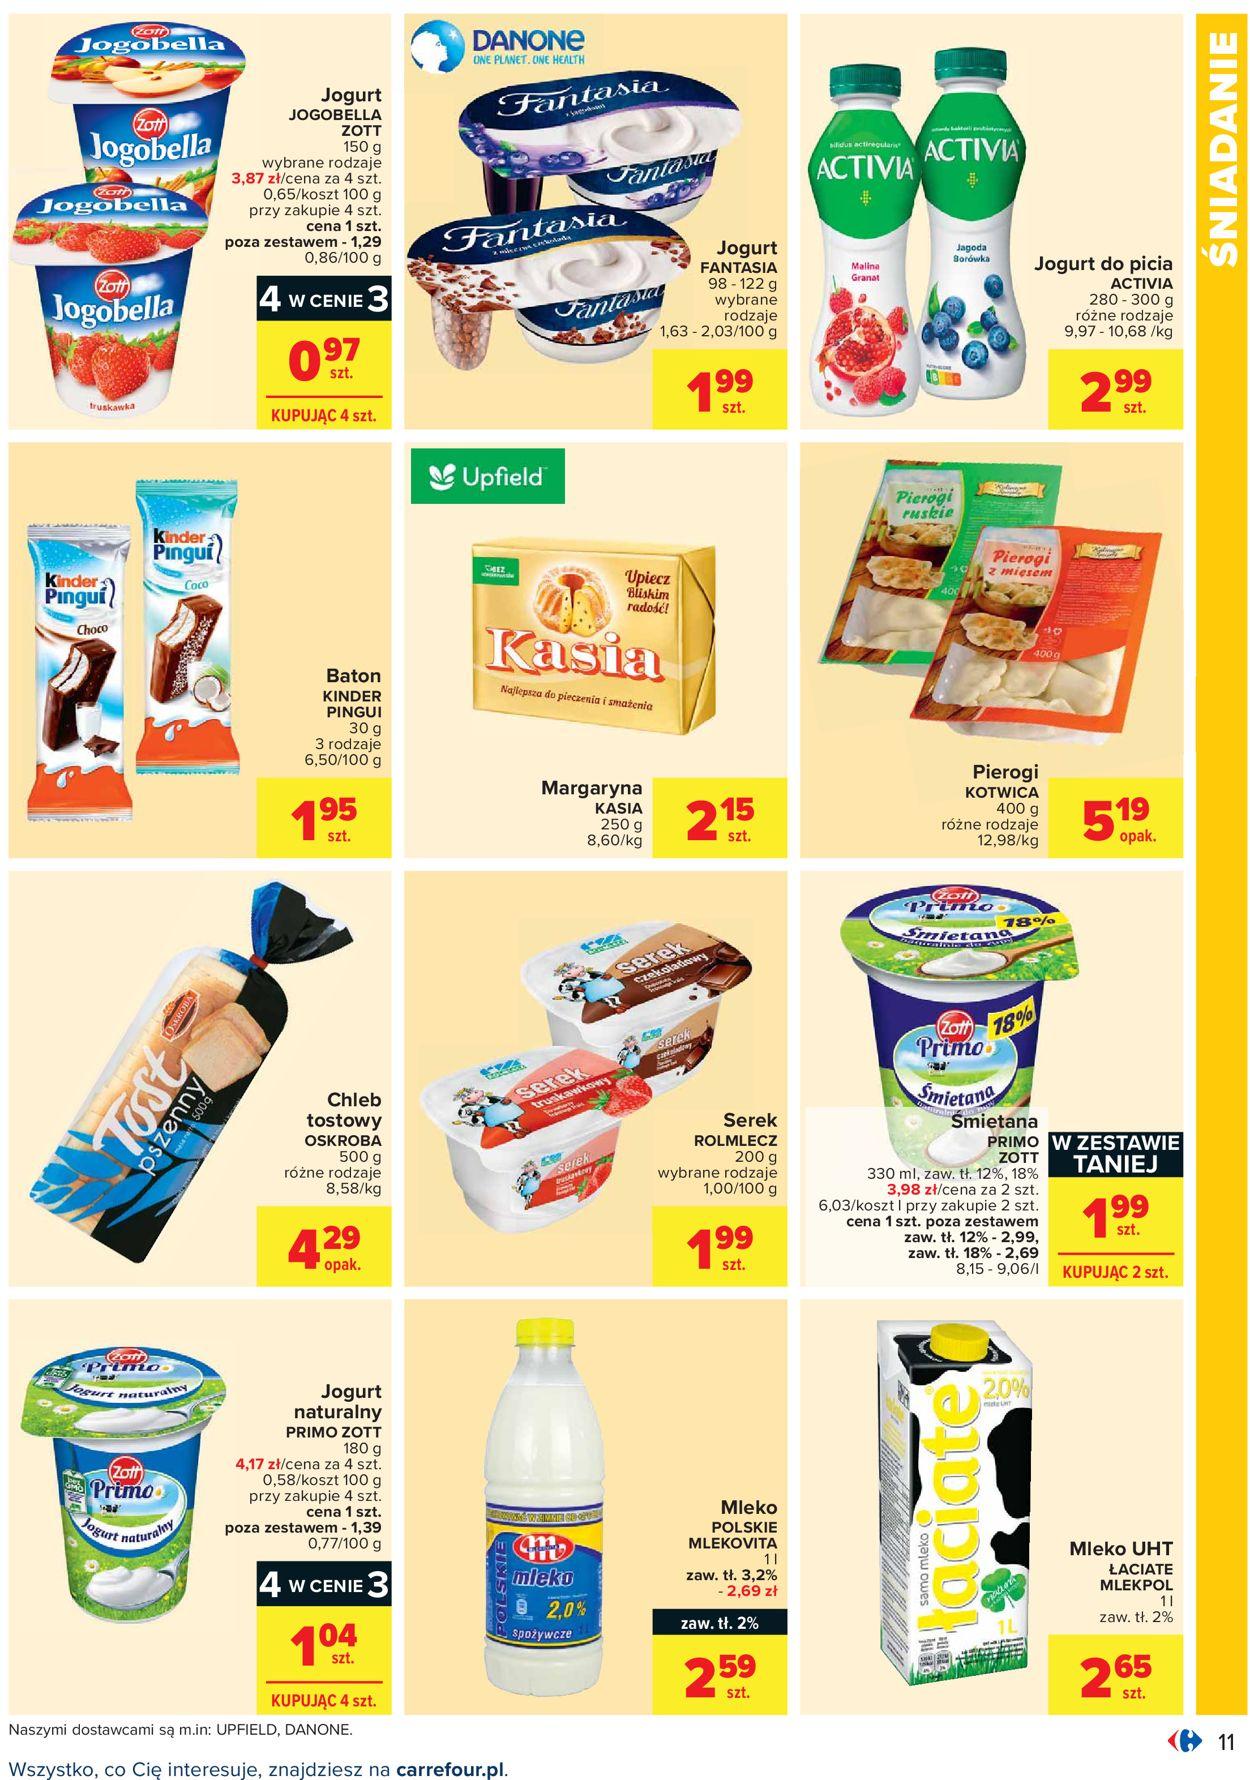 Gazetka promocyjna Carrefour - 13.07-24.07.2021 (Strona 11)